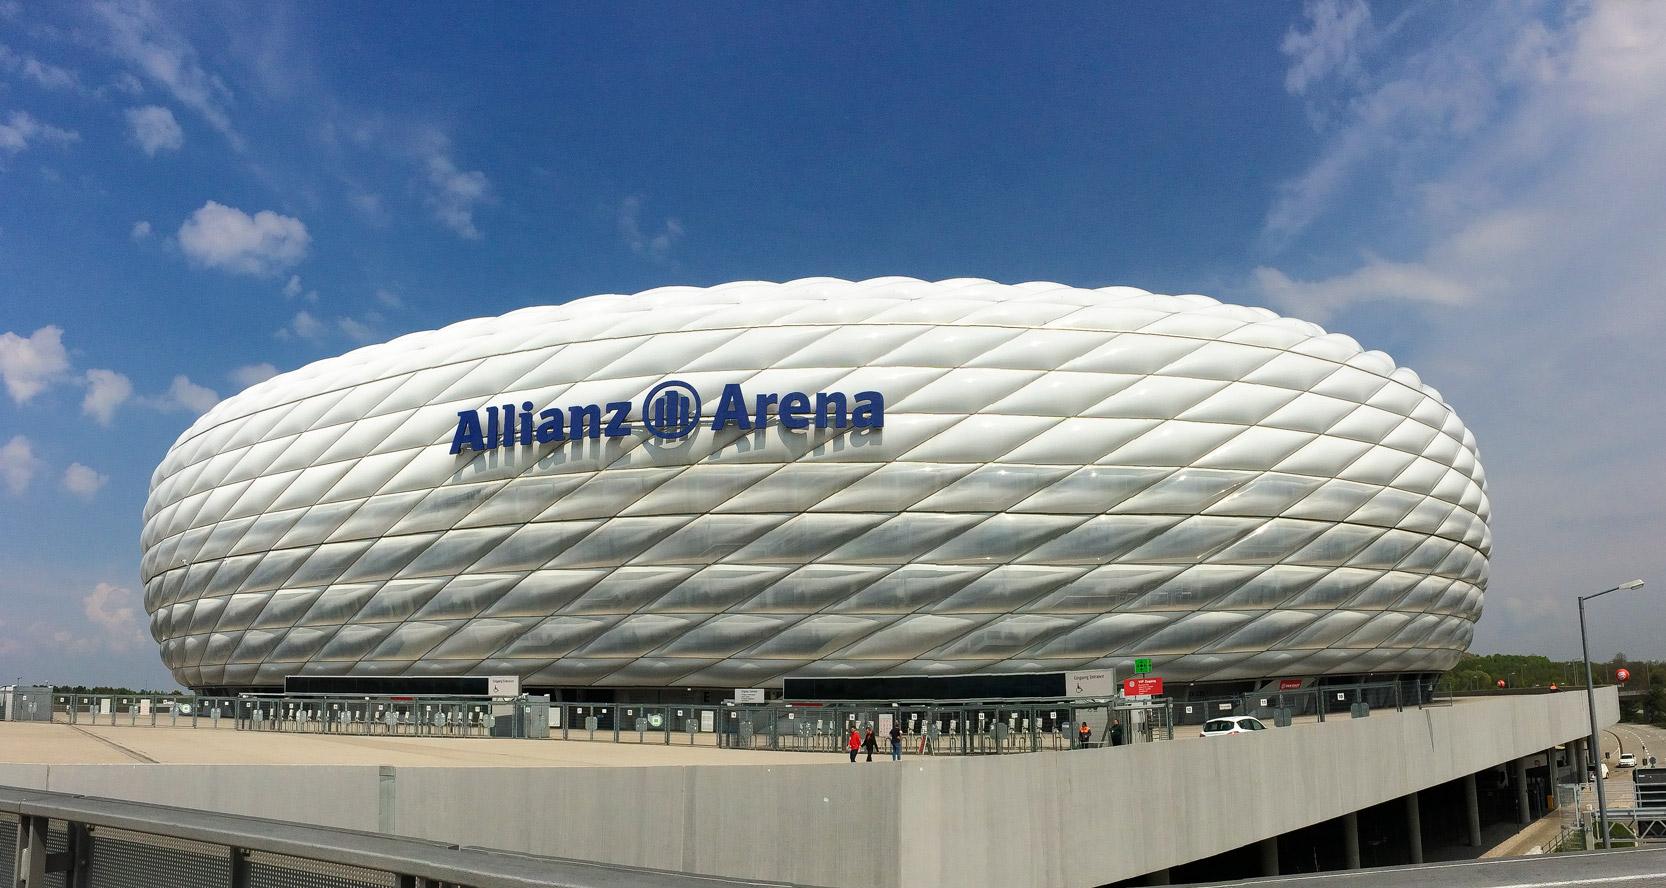 allianz-arena-fachada